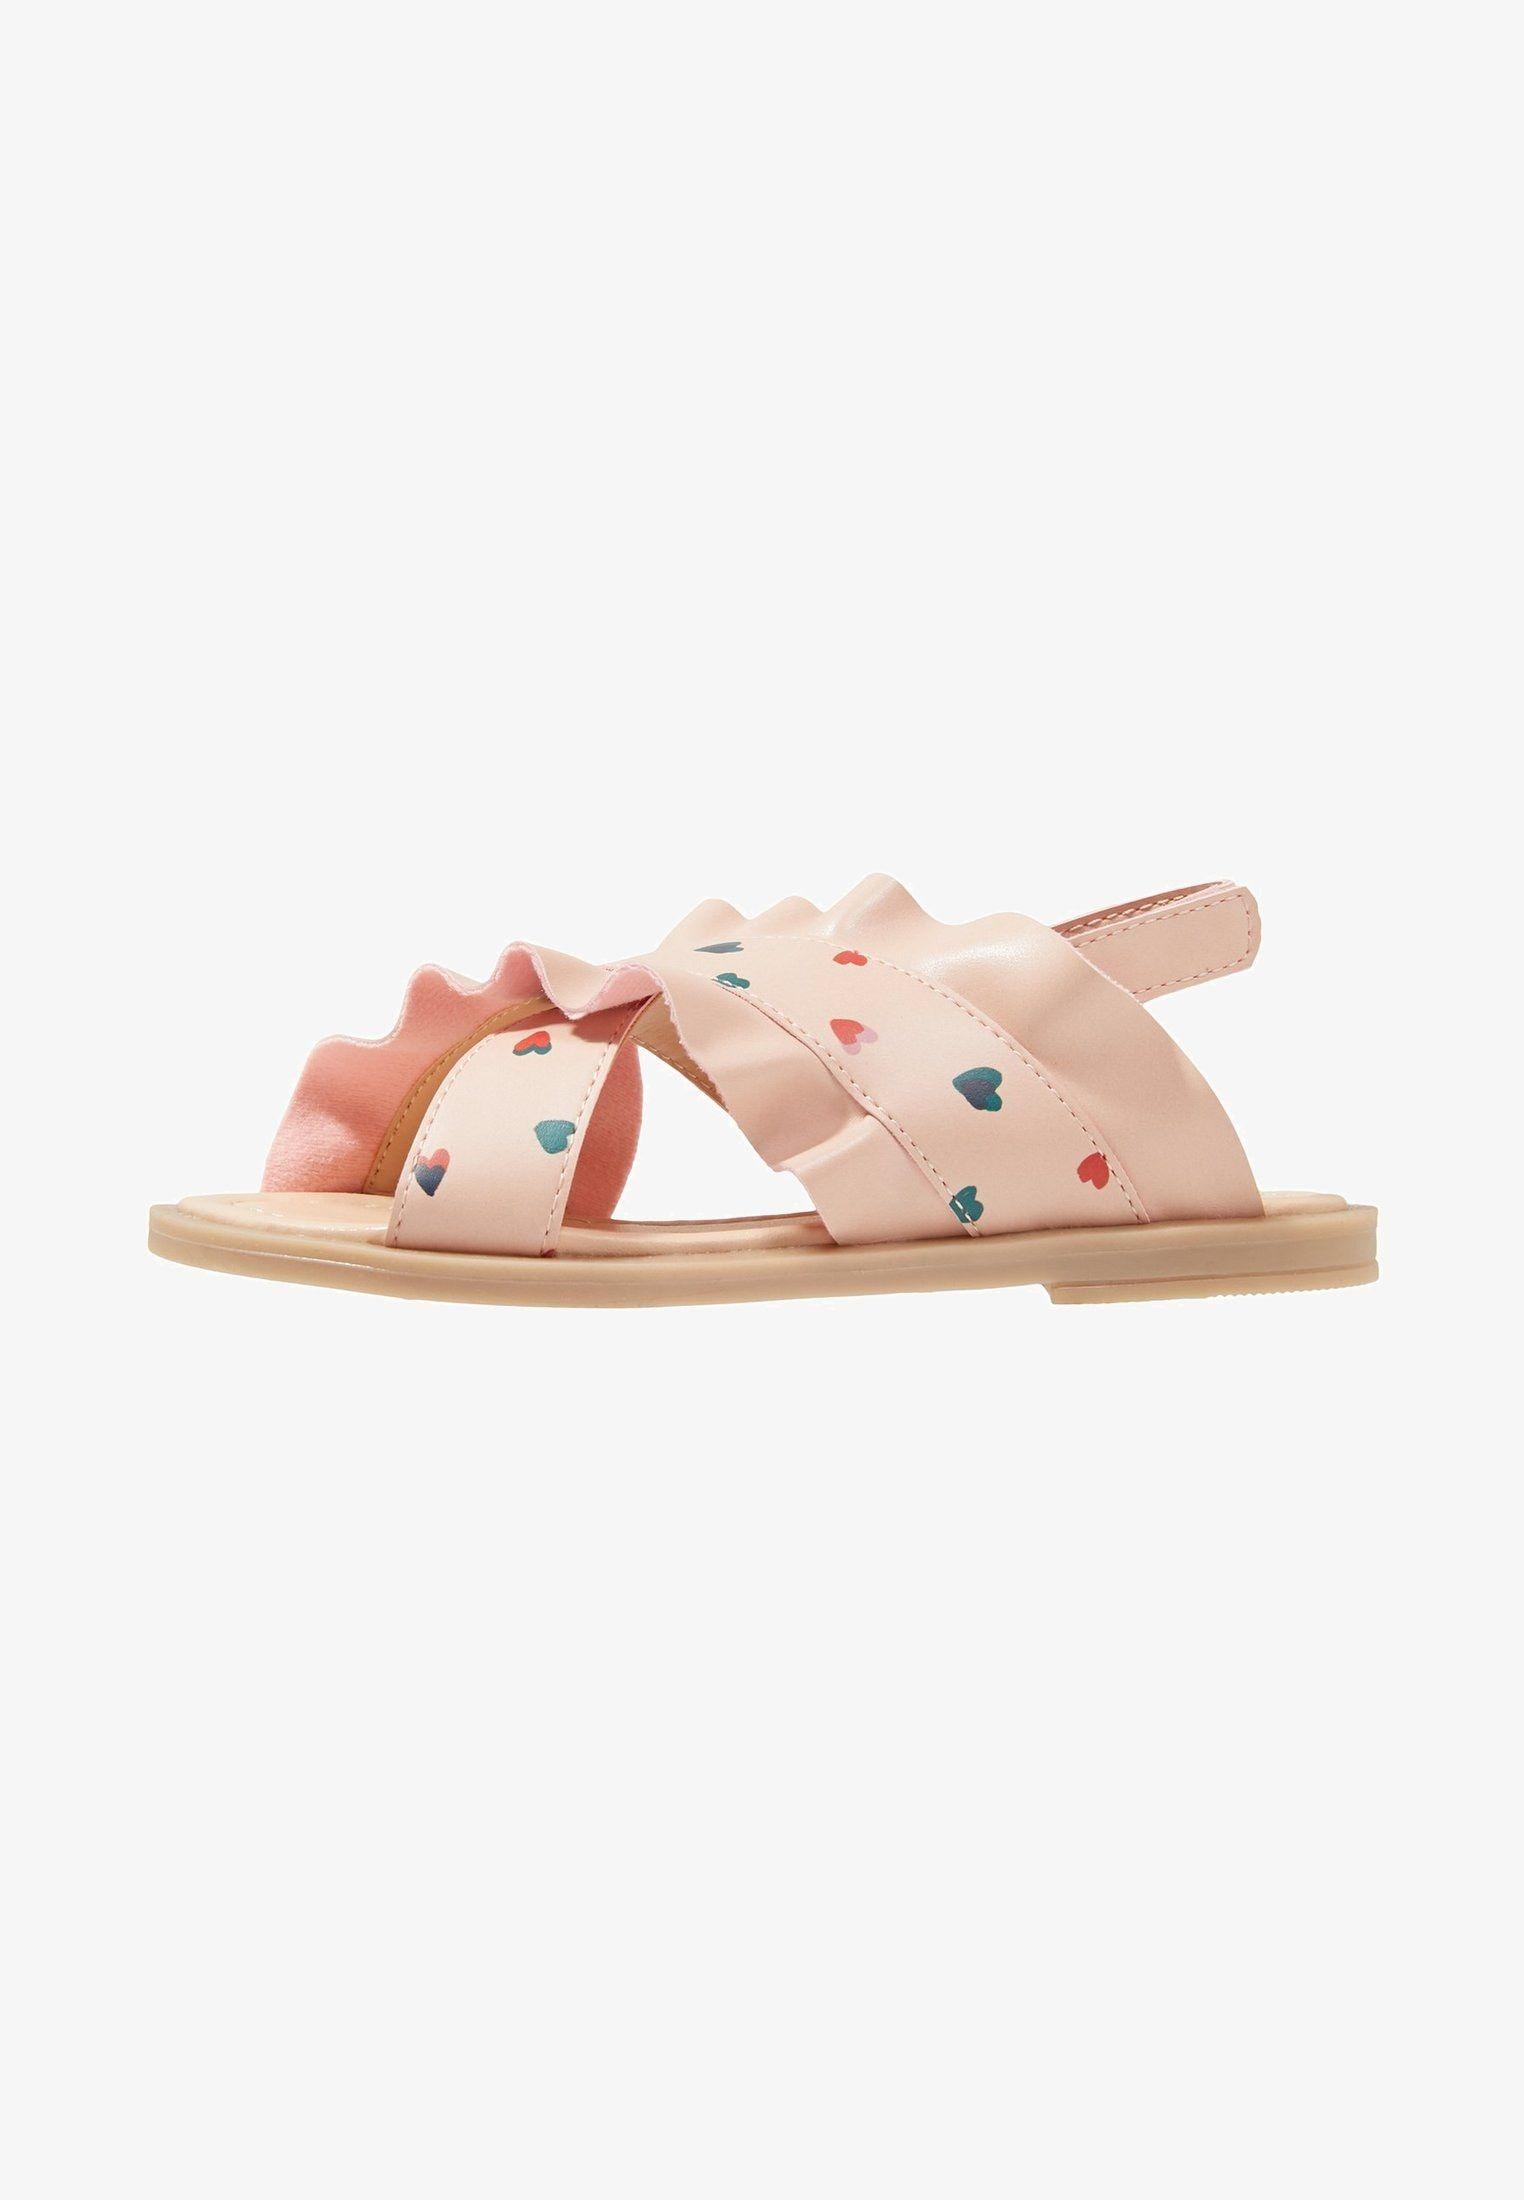 Friboo Morby Belt Sandal Rose Zalando De Schuhe Baby Kunstleder Leder